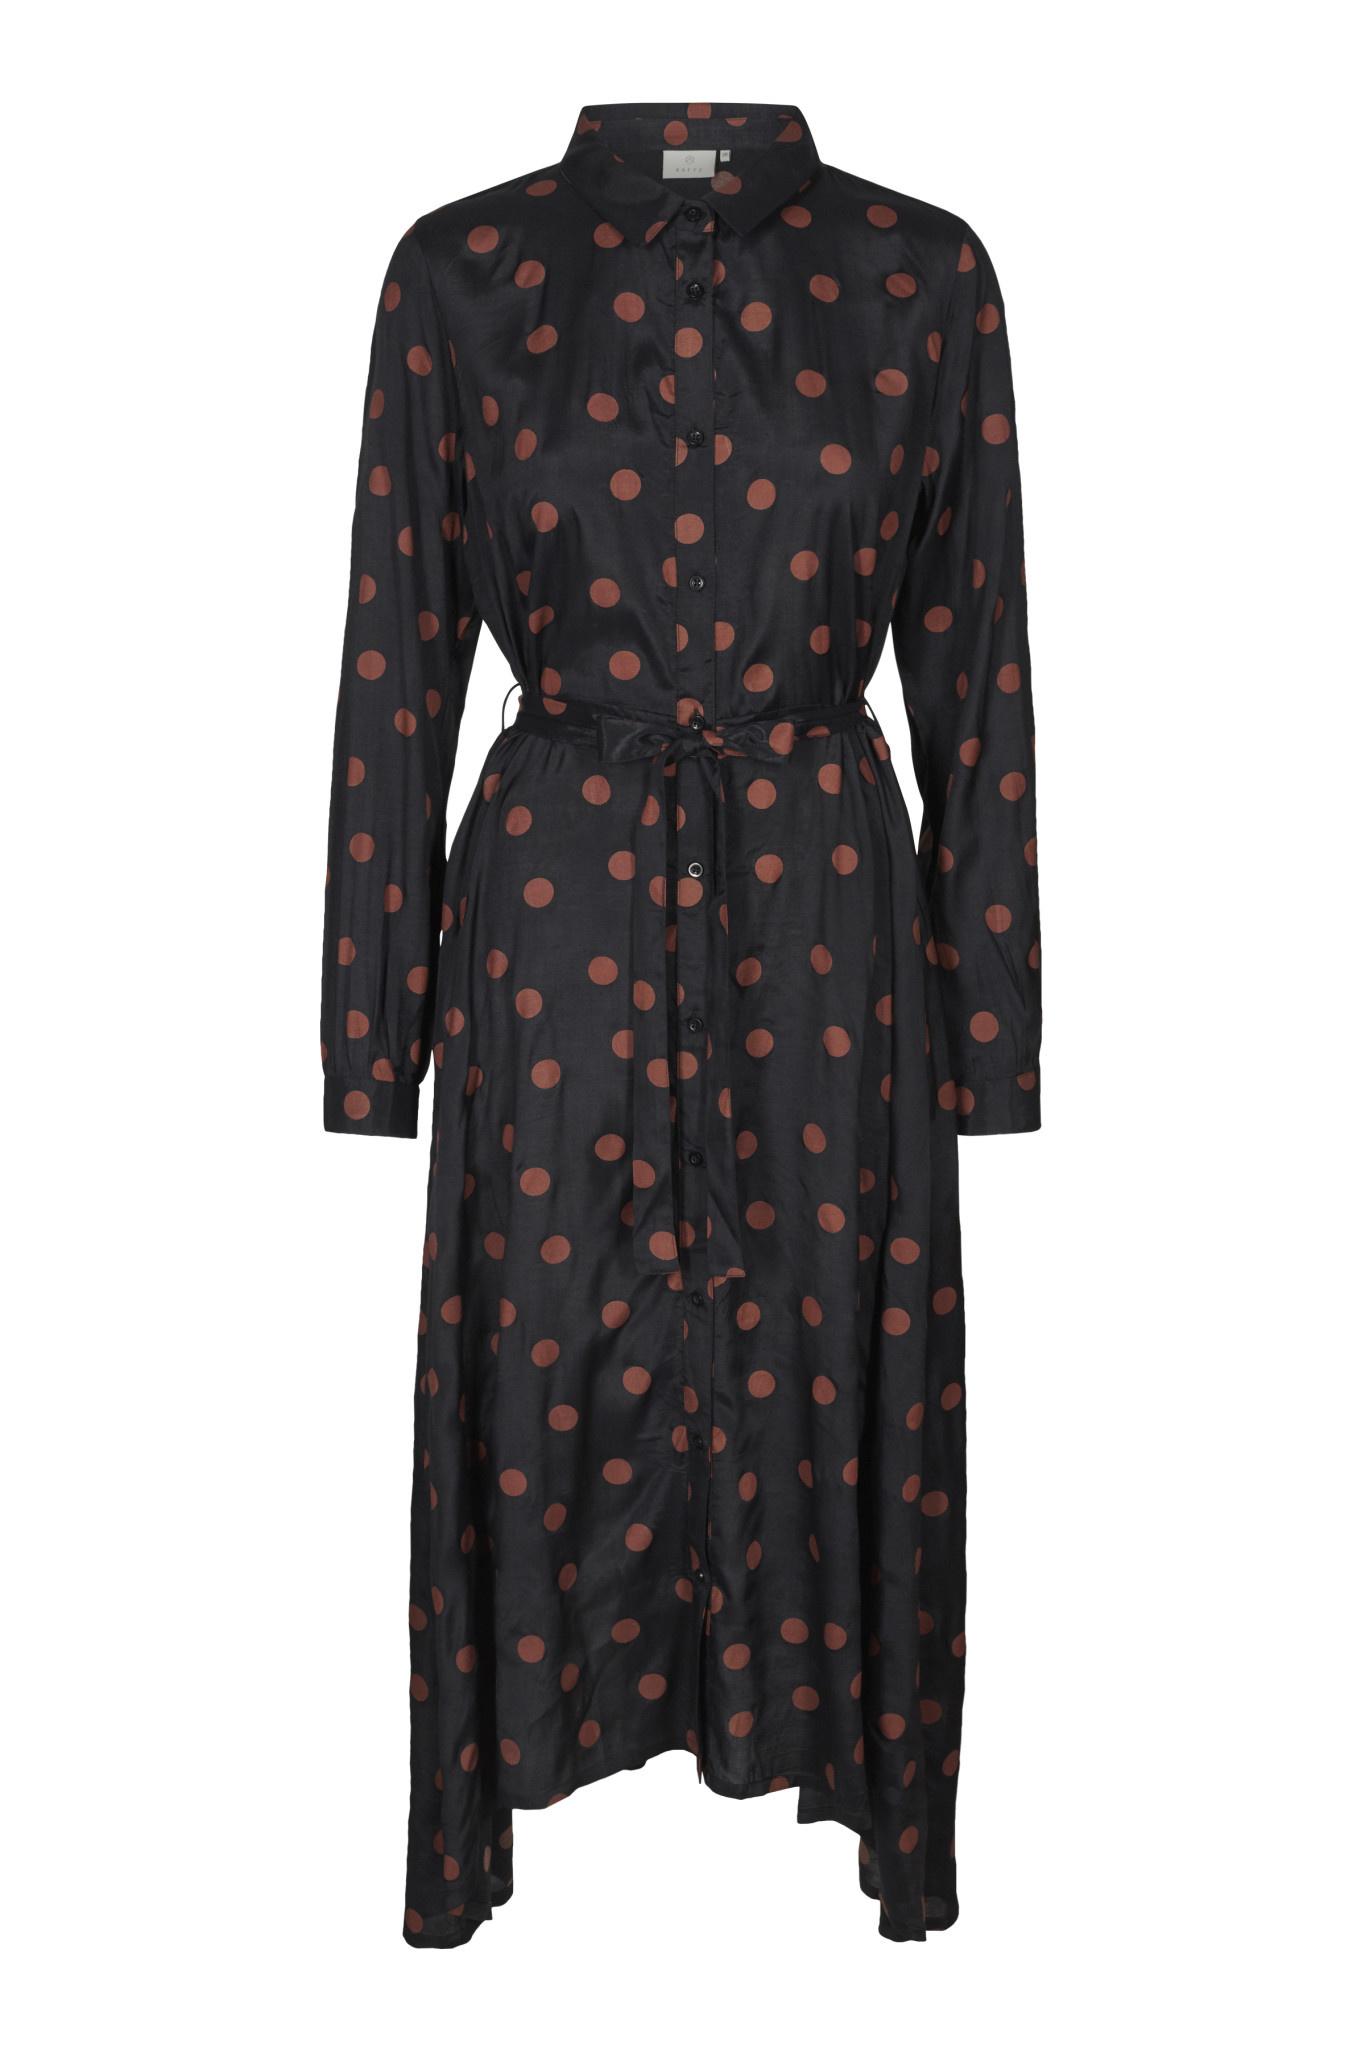 KAFFE KAFFE - kaoline dress